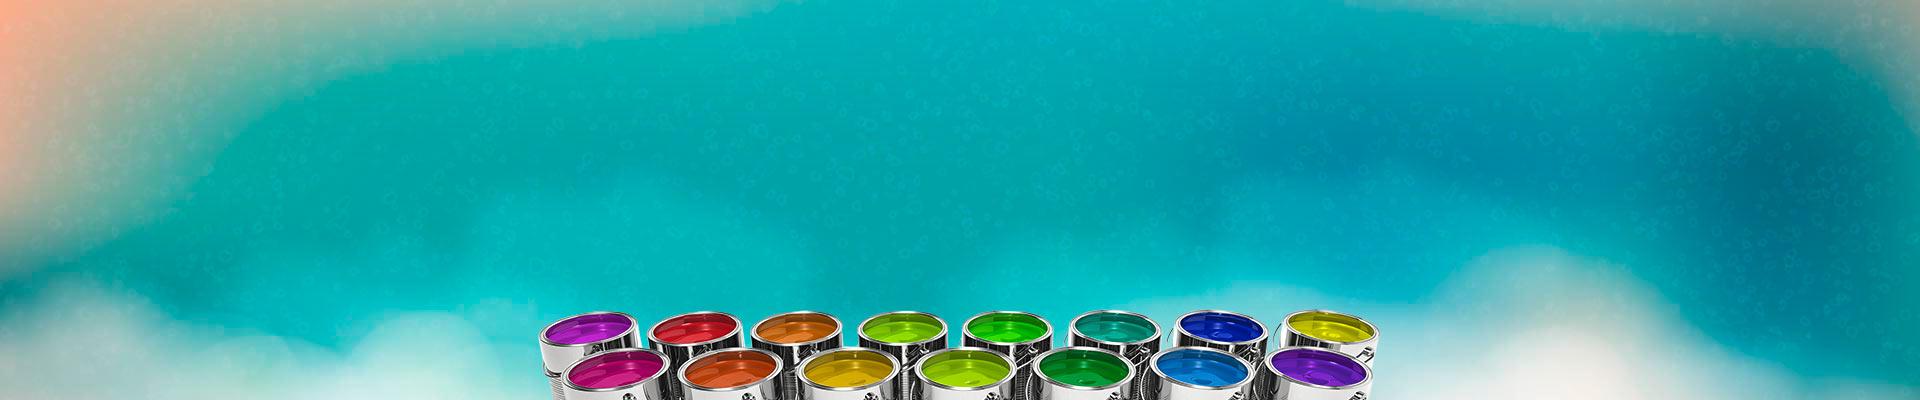 Malermeister Laarmann bringt Farbe in Ihr Leben